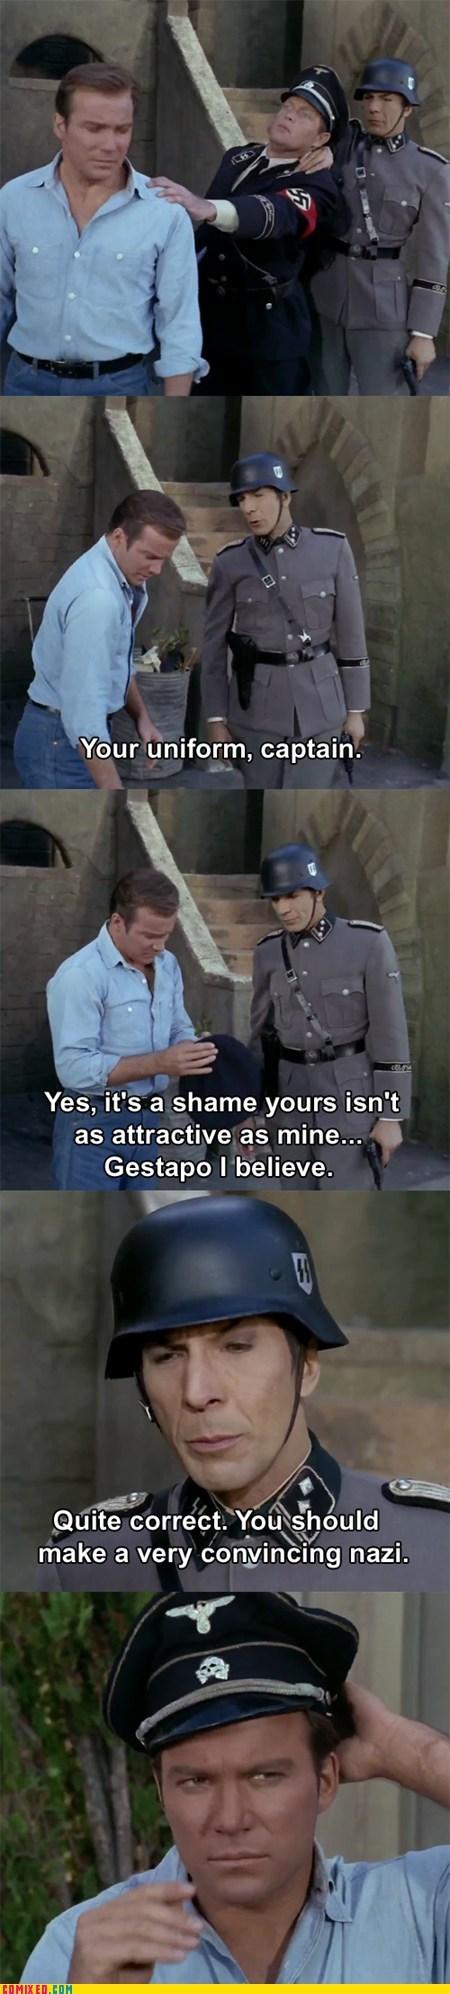 Star Trek Spock nazis William Shatner Leonard Nimoy TV - 6660478720